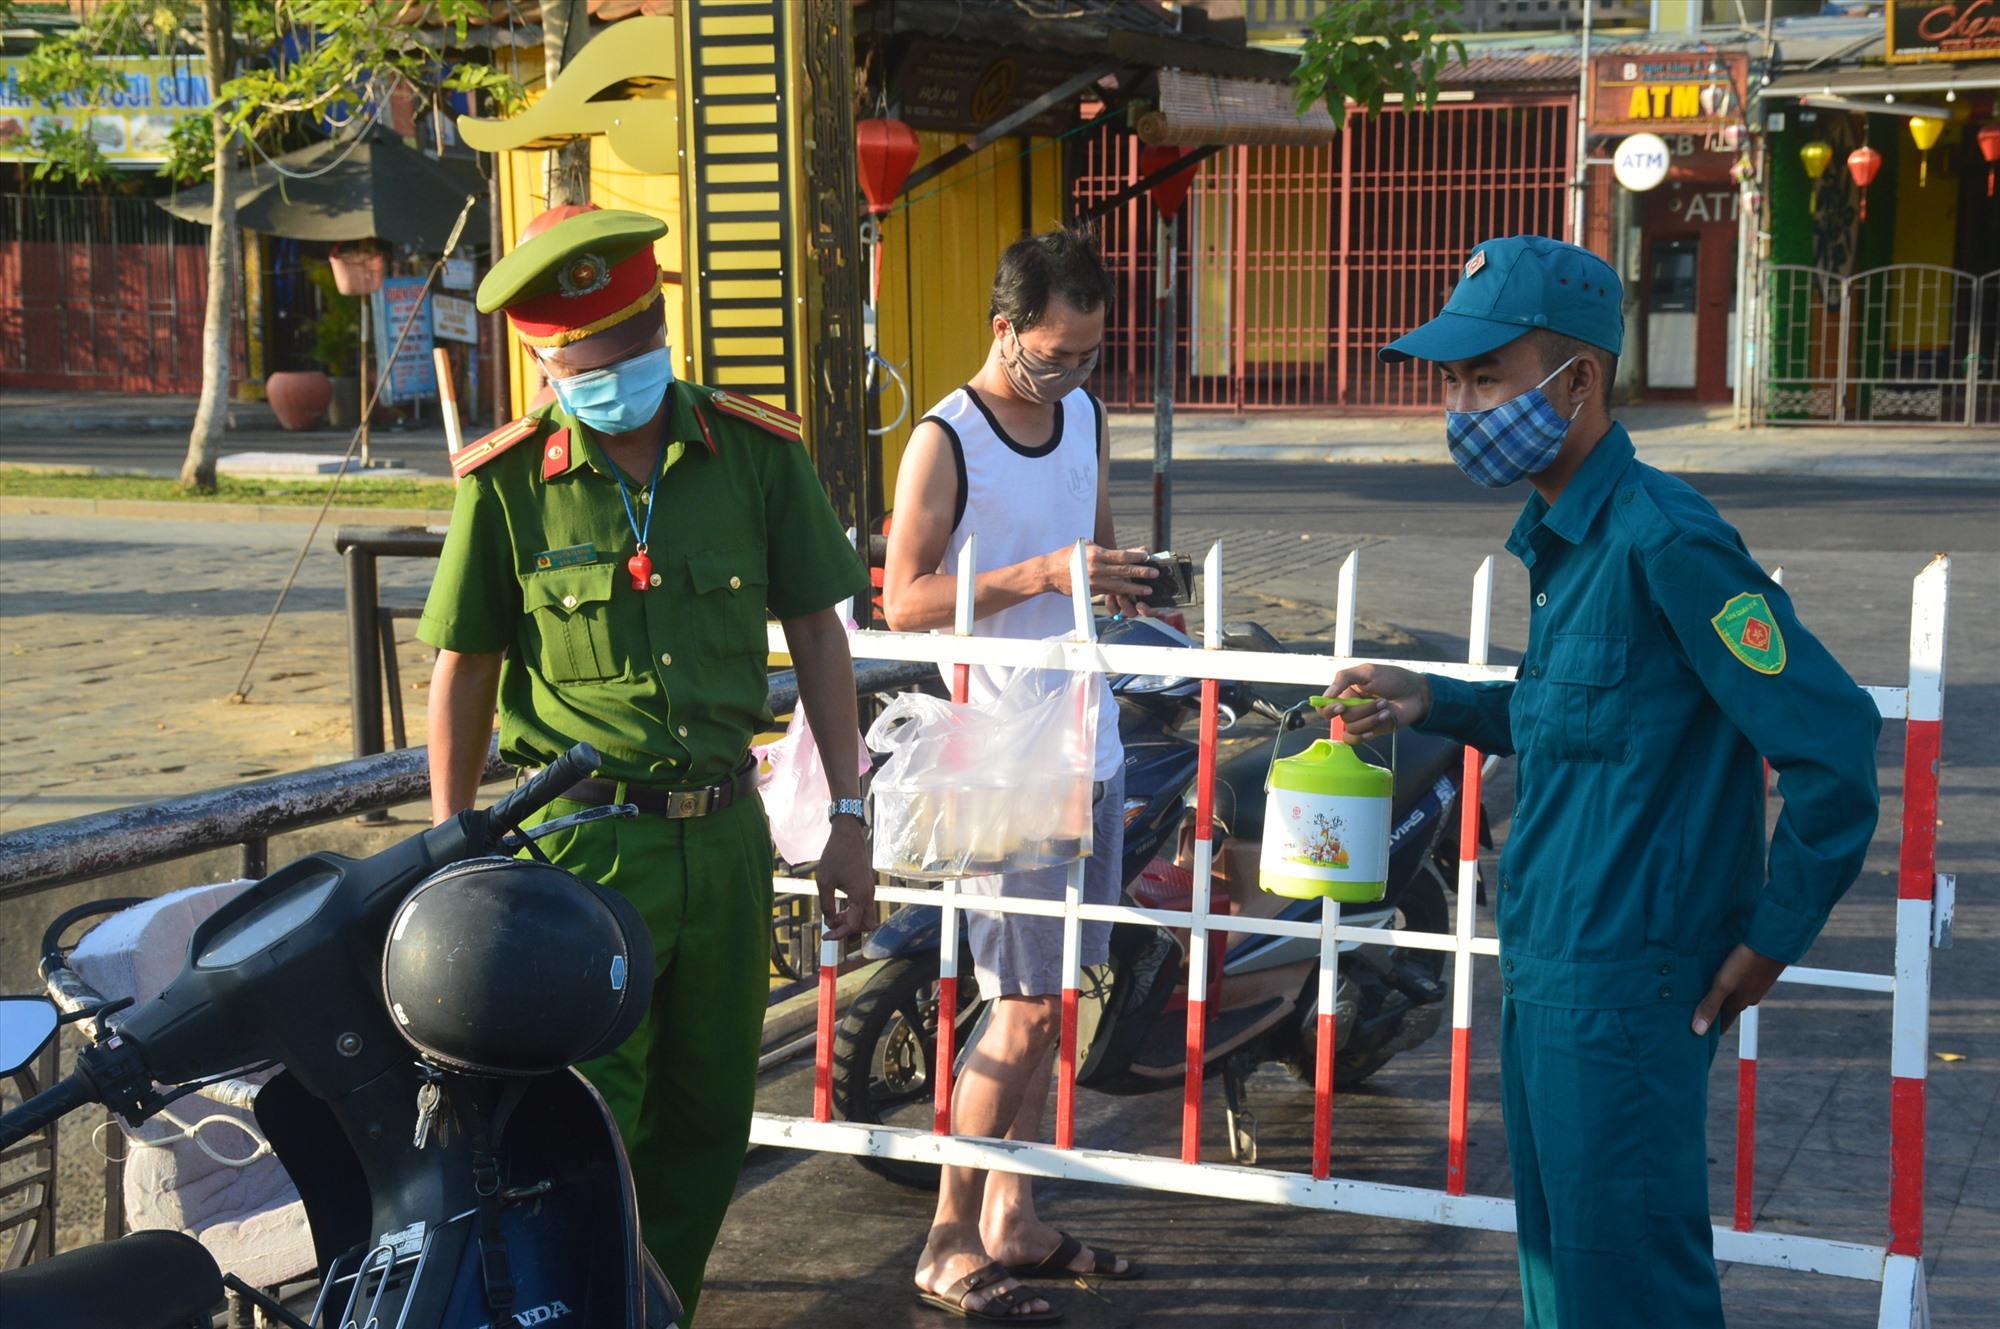 Người dân trong khu vực phong tỏa được lực lượng tại chốt kiểm soát hỗ trợ mua thức ăn. Ảnh: Q.T